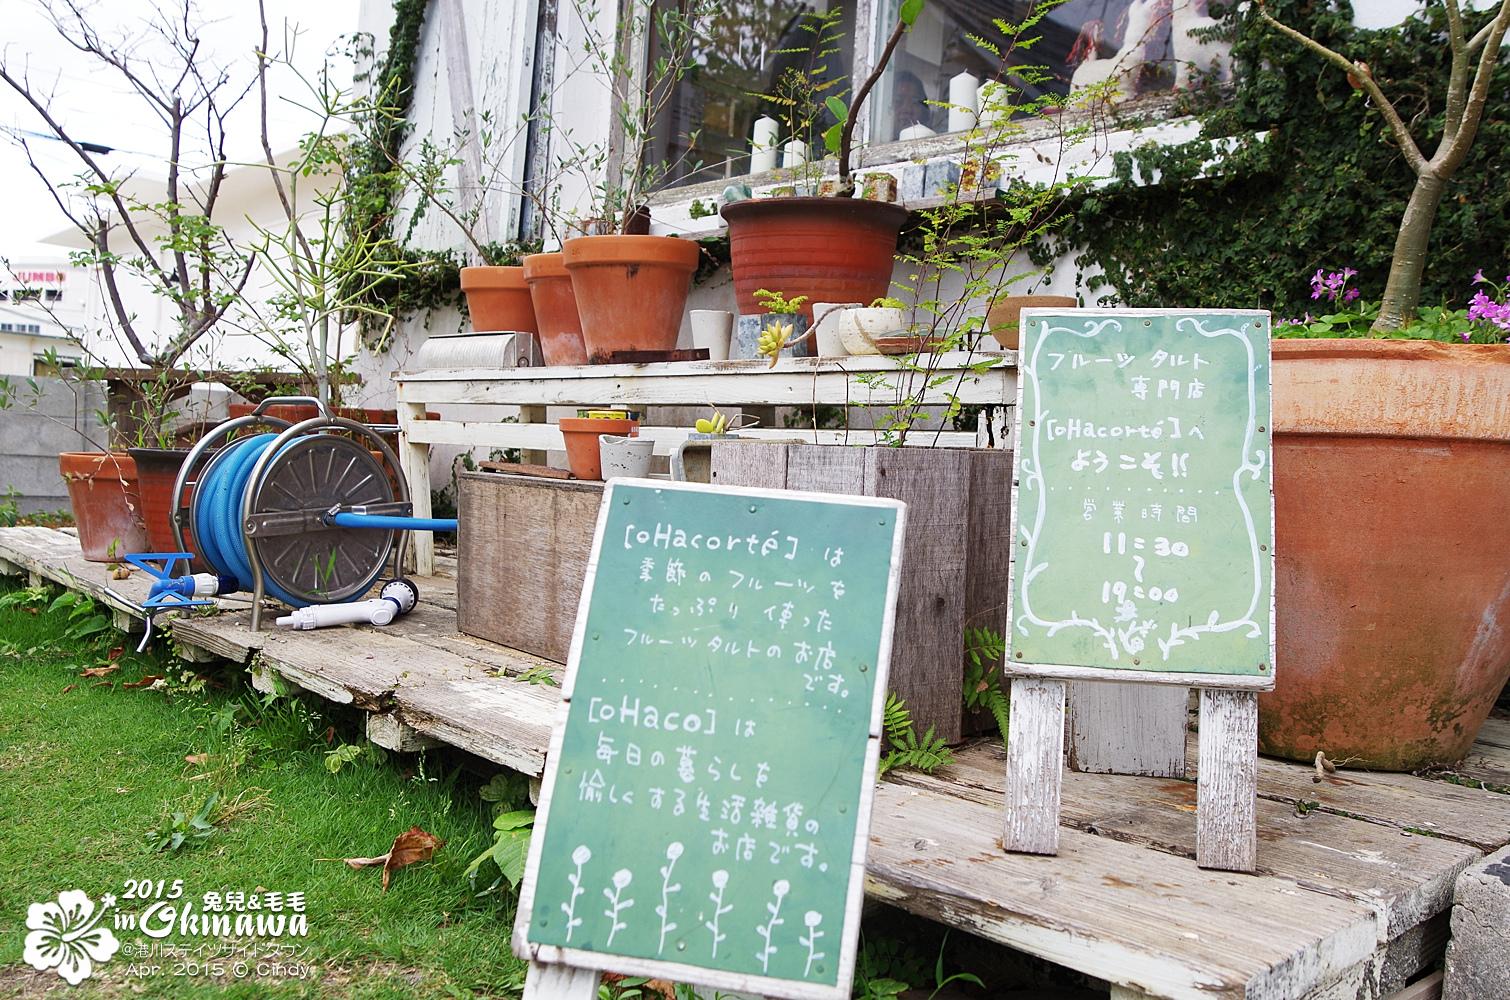 2015-0407-港川外人住宅-29.jpg